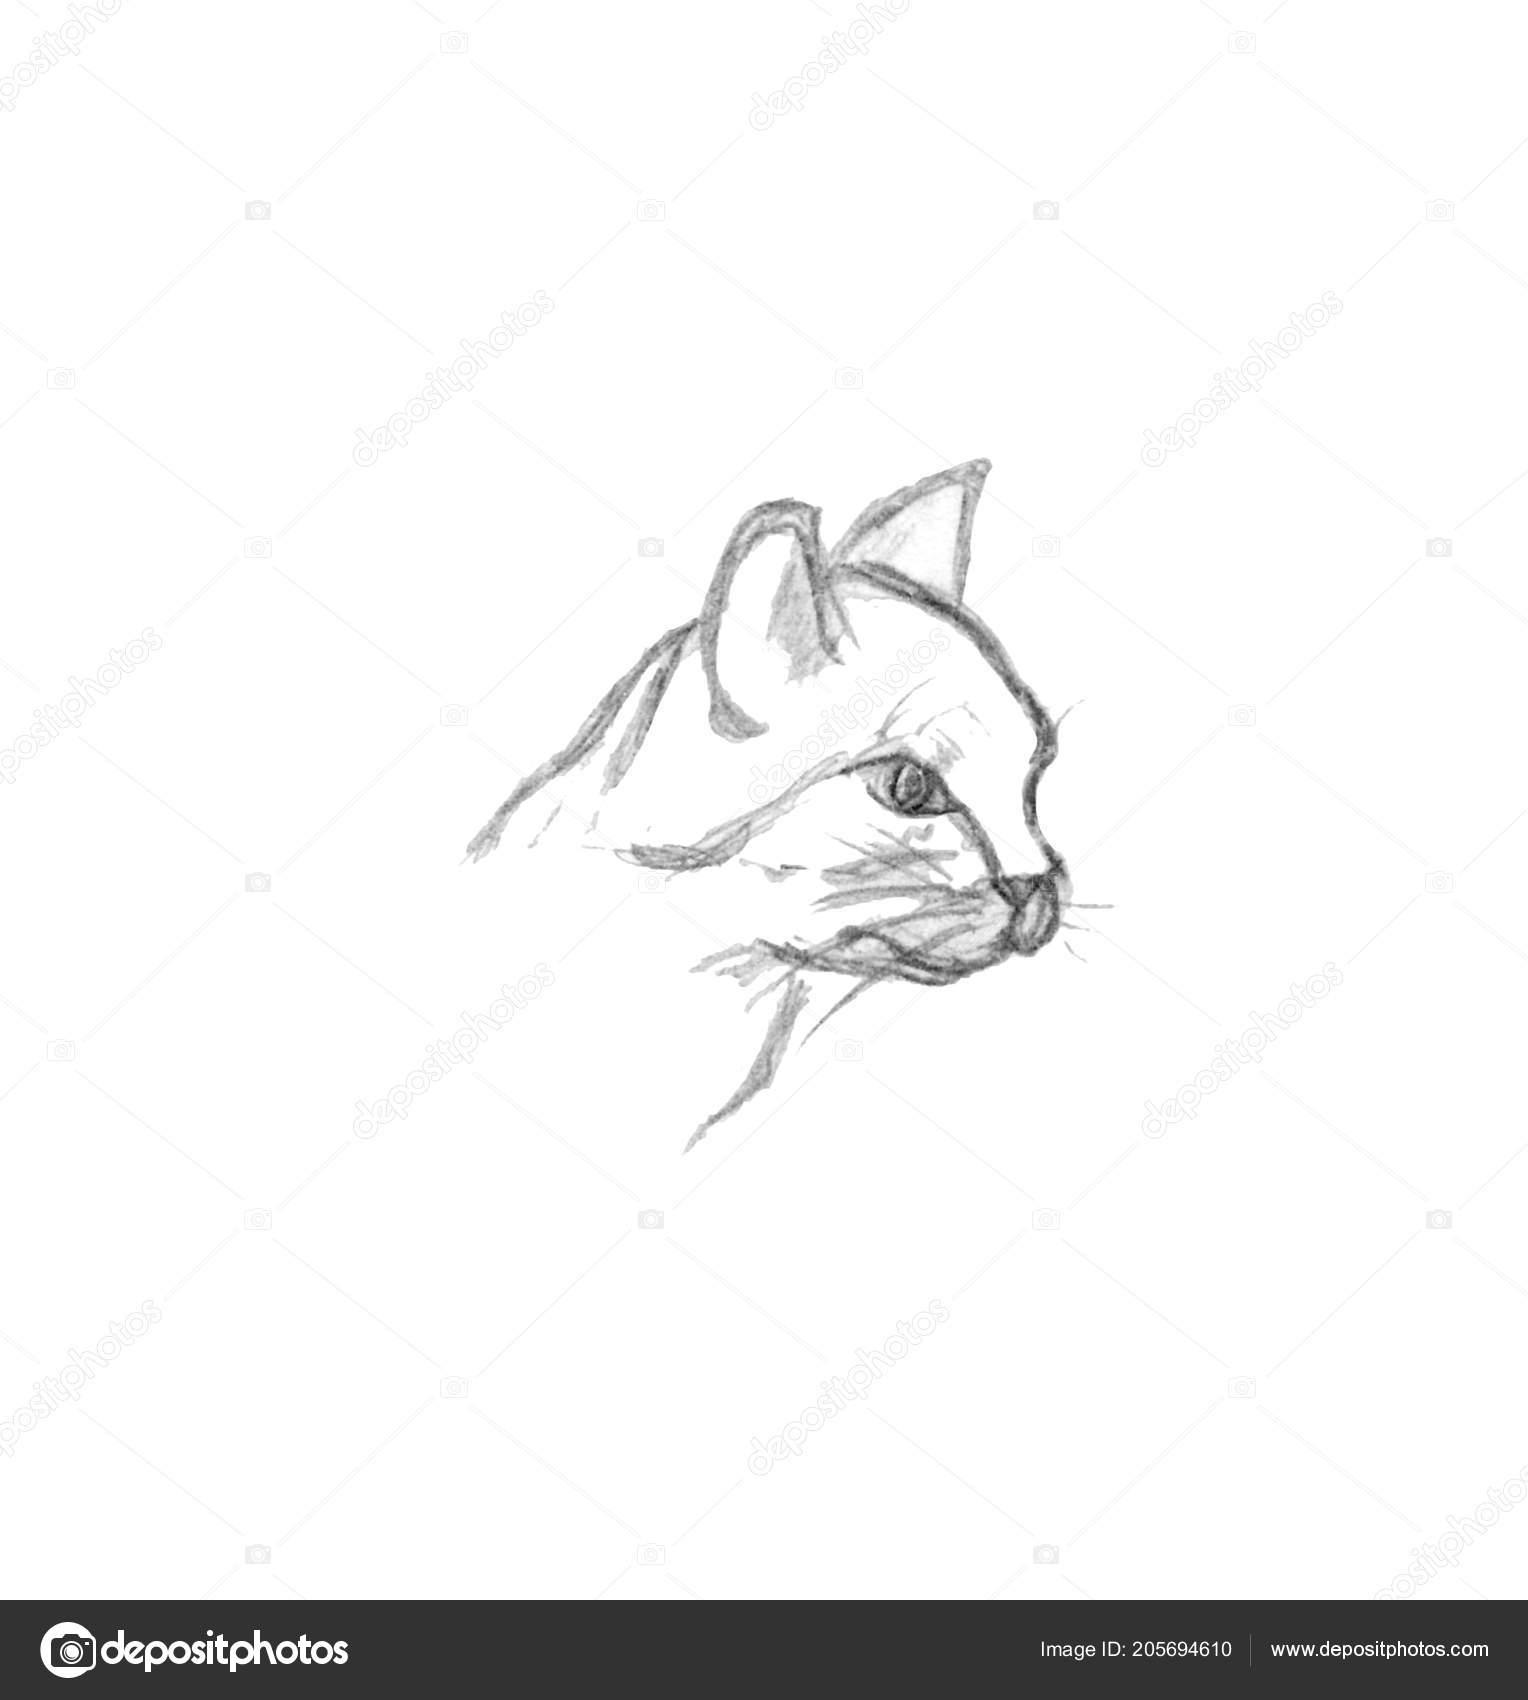 Kocici Hlavy Izolovanych Bilem Pozadi Rucne Kreslene Ilustrace